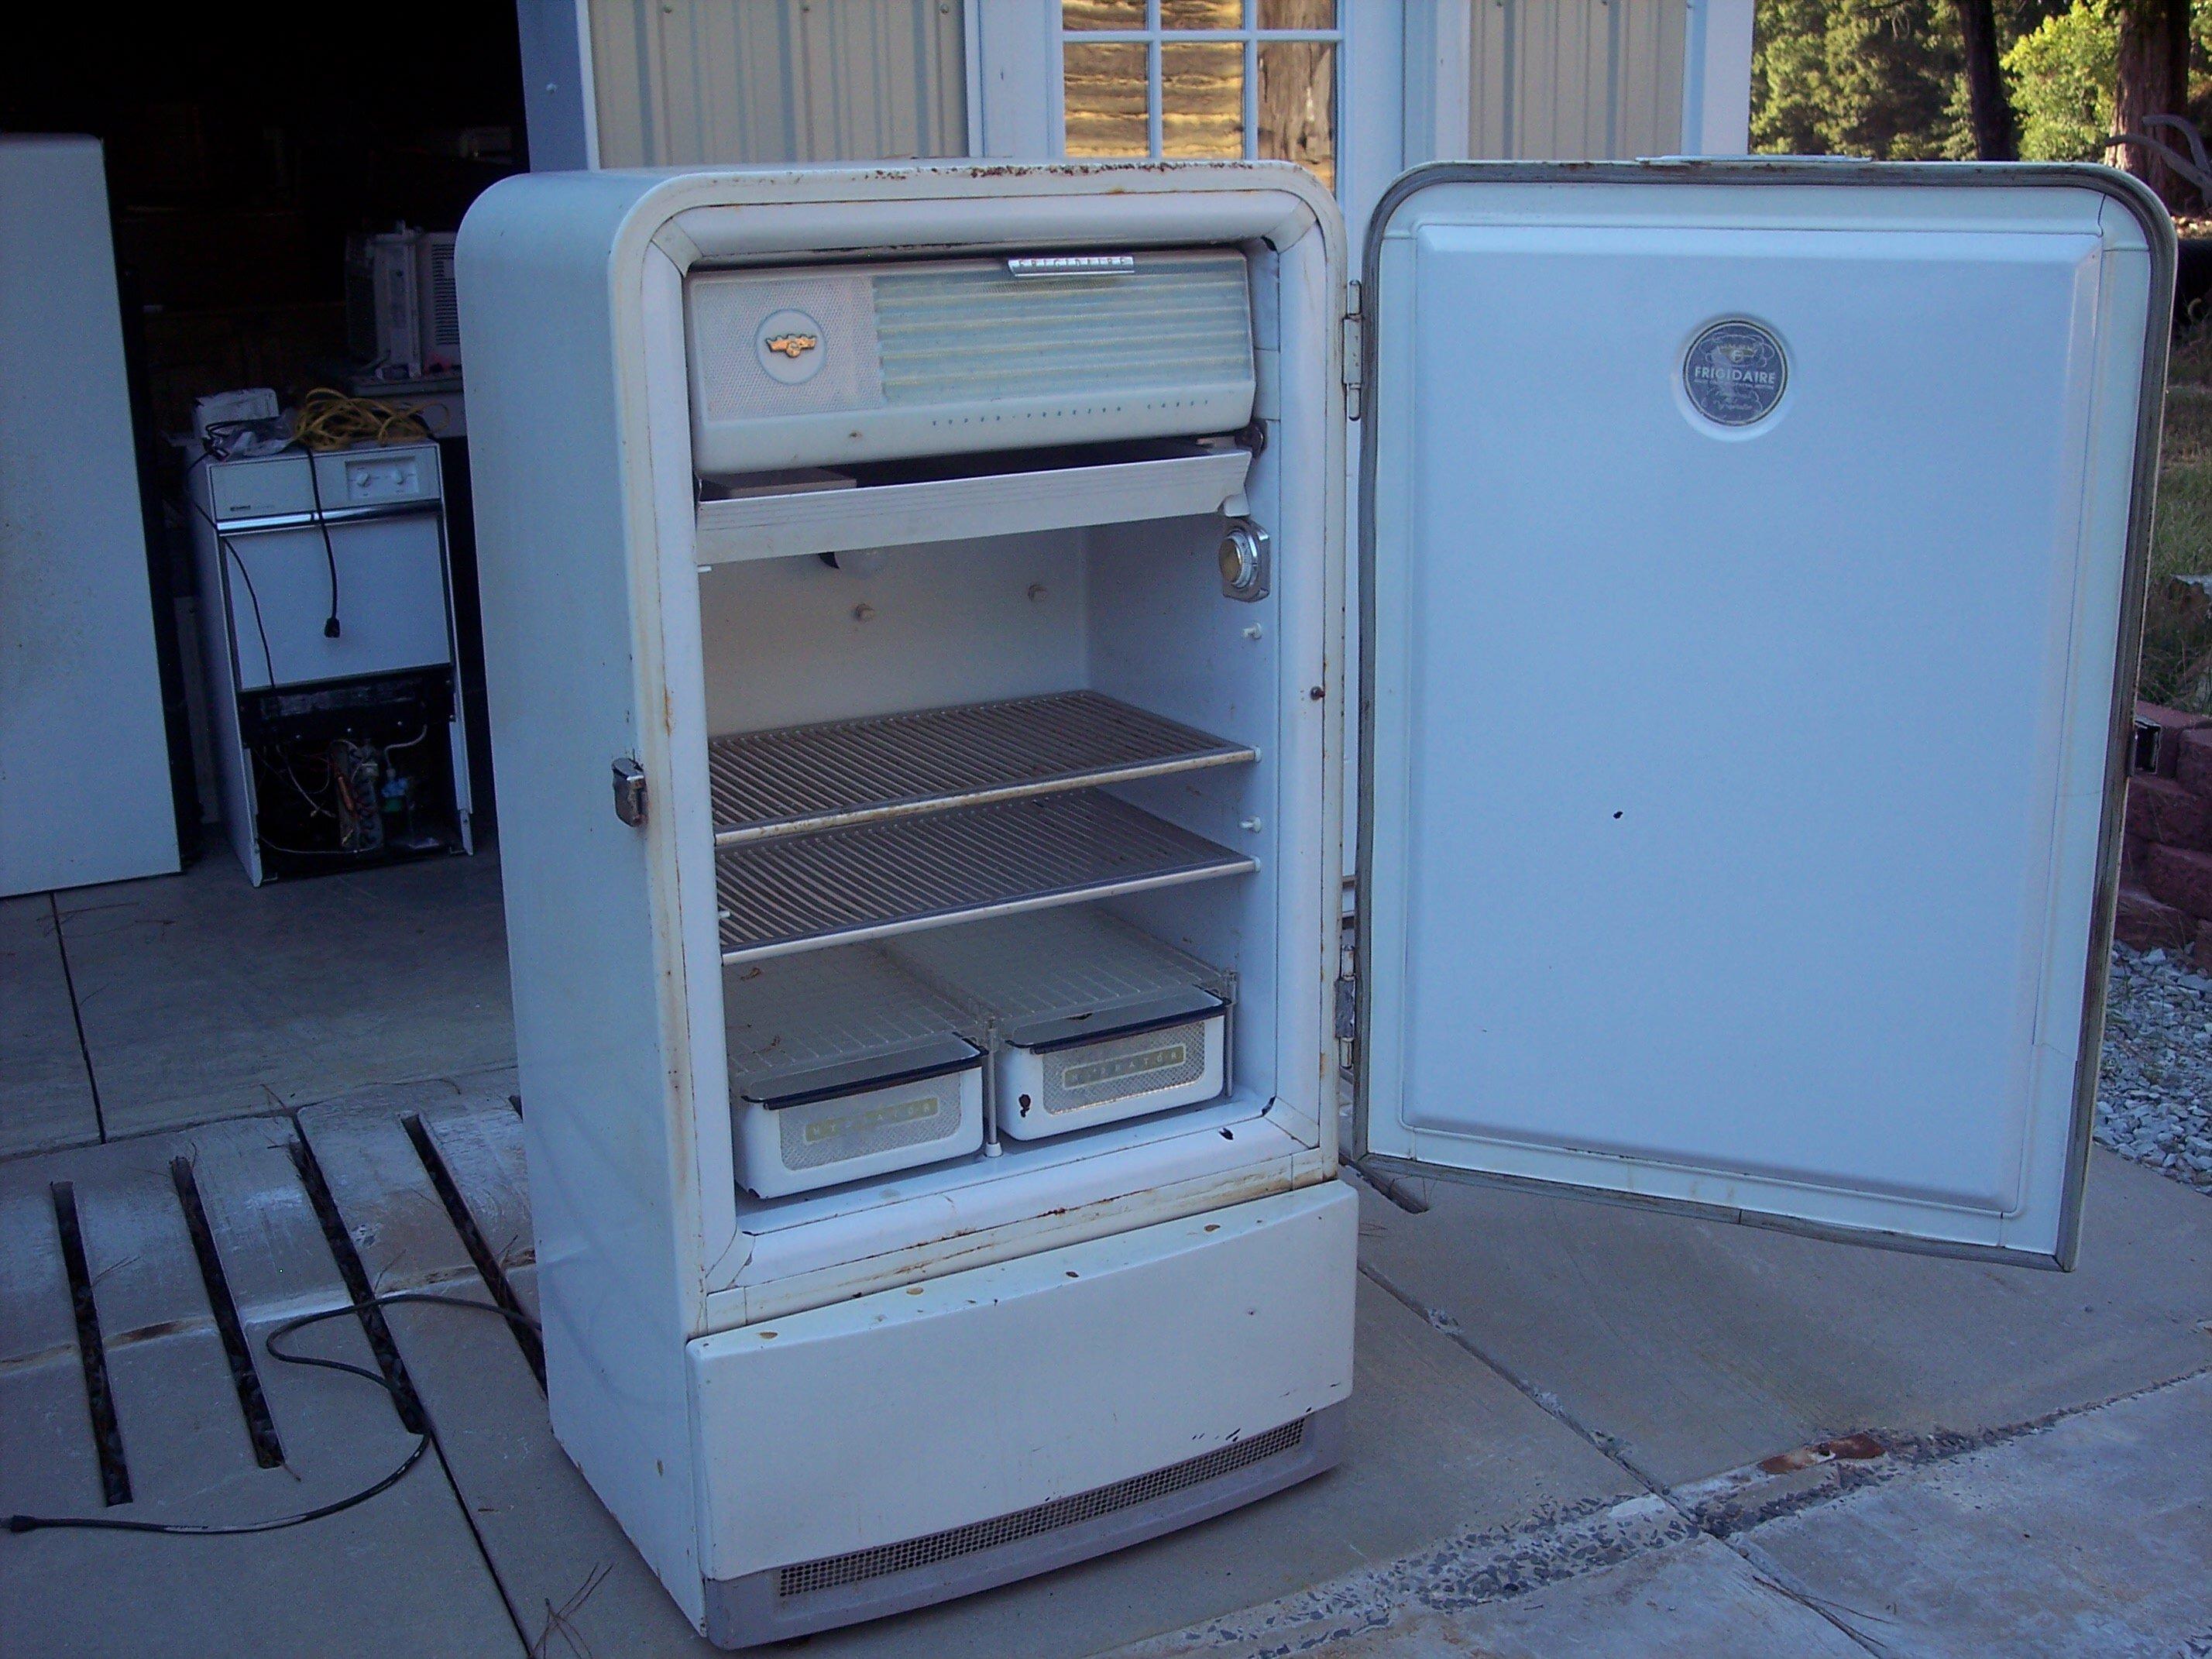 Những dấu hiệu nhận biết hiện tượng rò rỉ và thiếu gas trên tủ lạnh